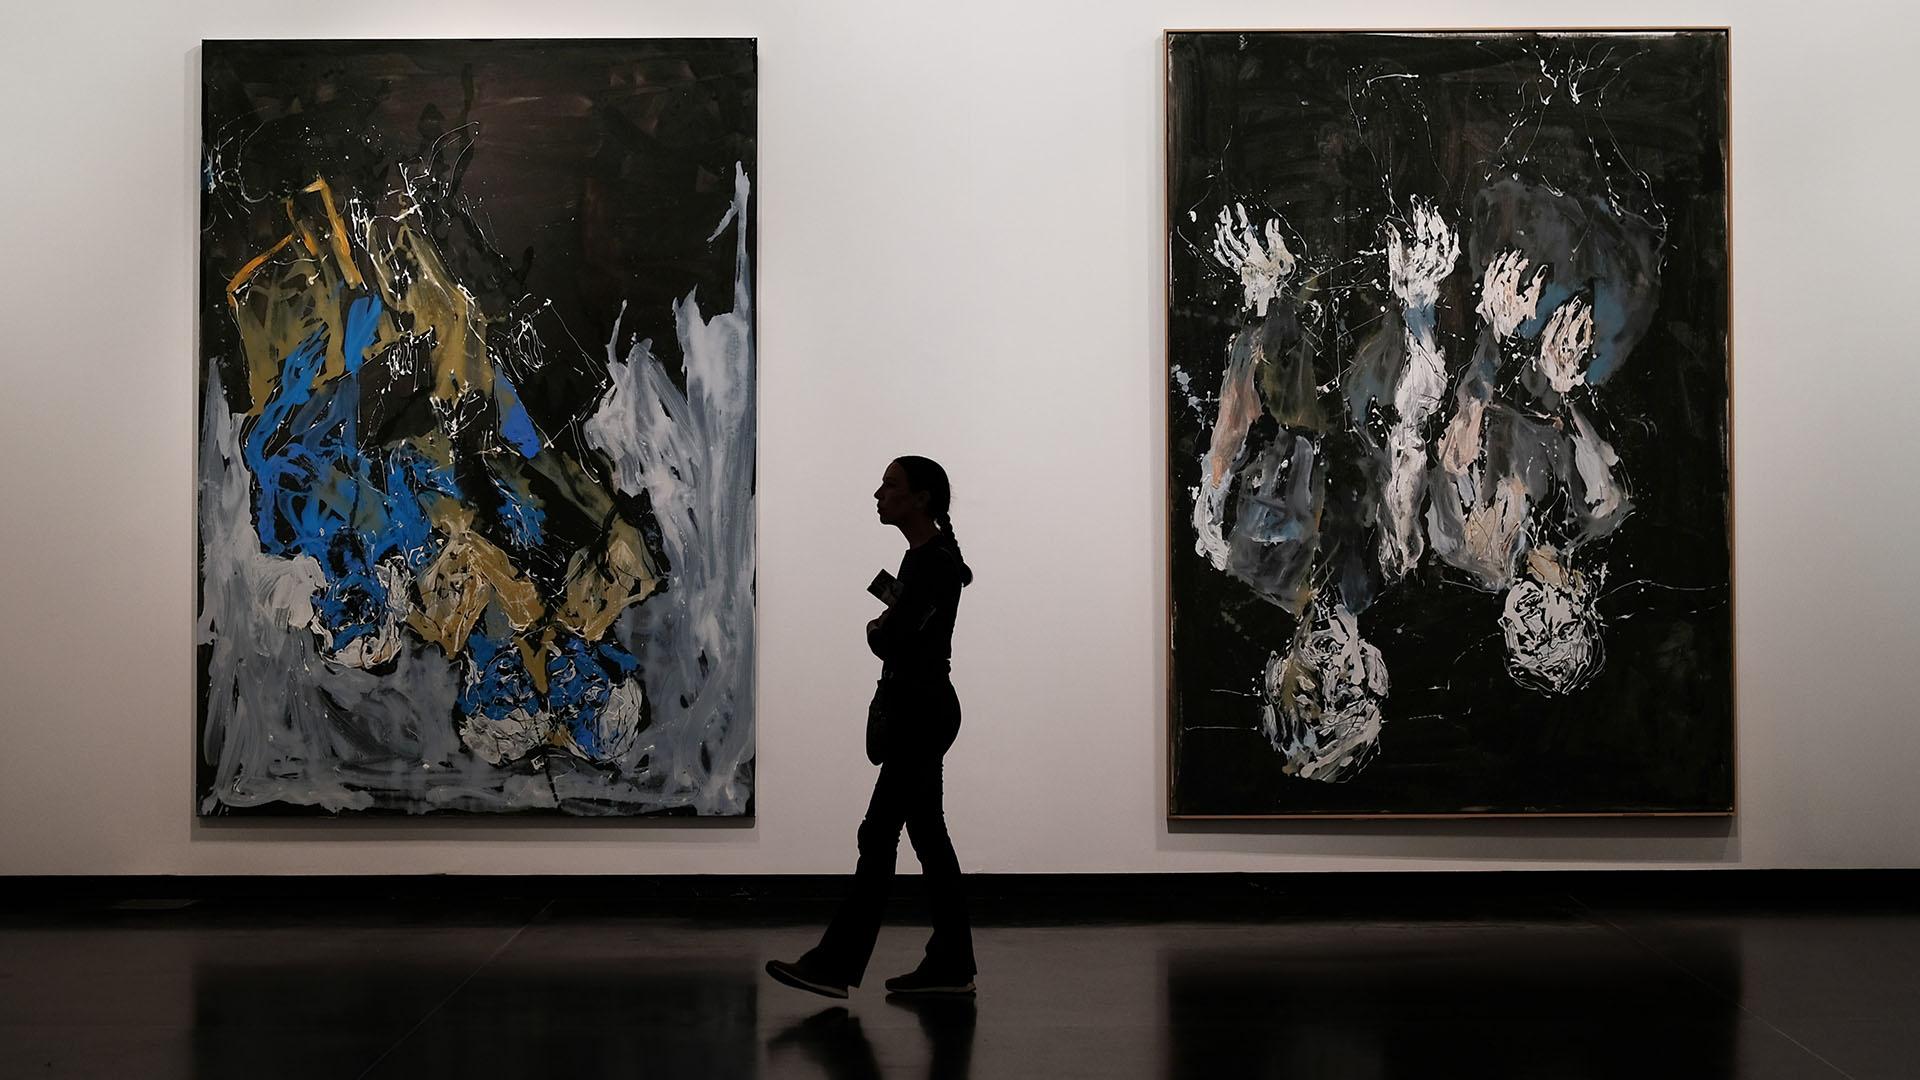 Alle Museen sind geschlossen: Eine Alternative ist ein digitaler Museumsbesuch.